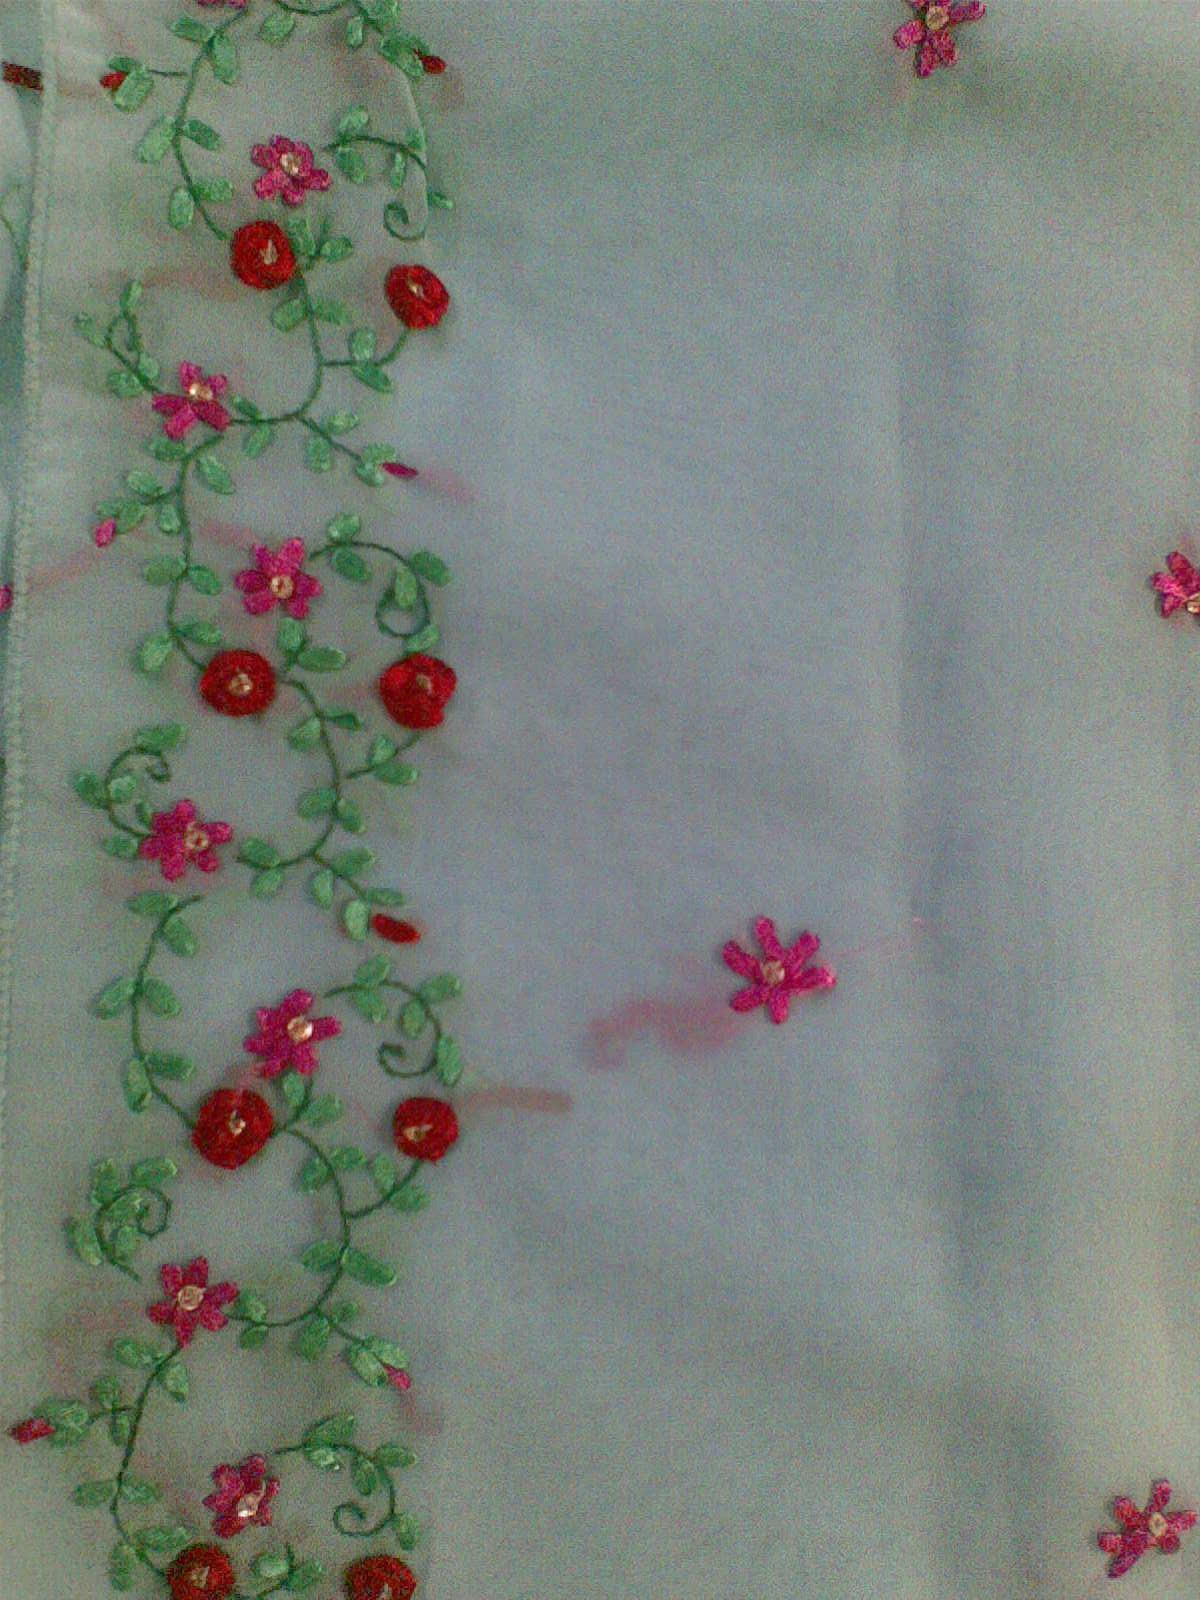 SRILU ARTS Ribbon Work On Saree